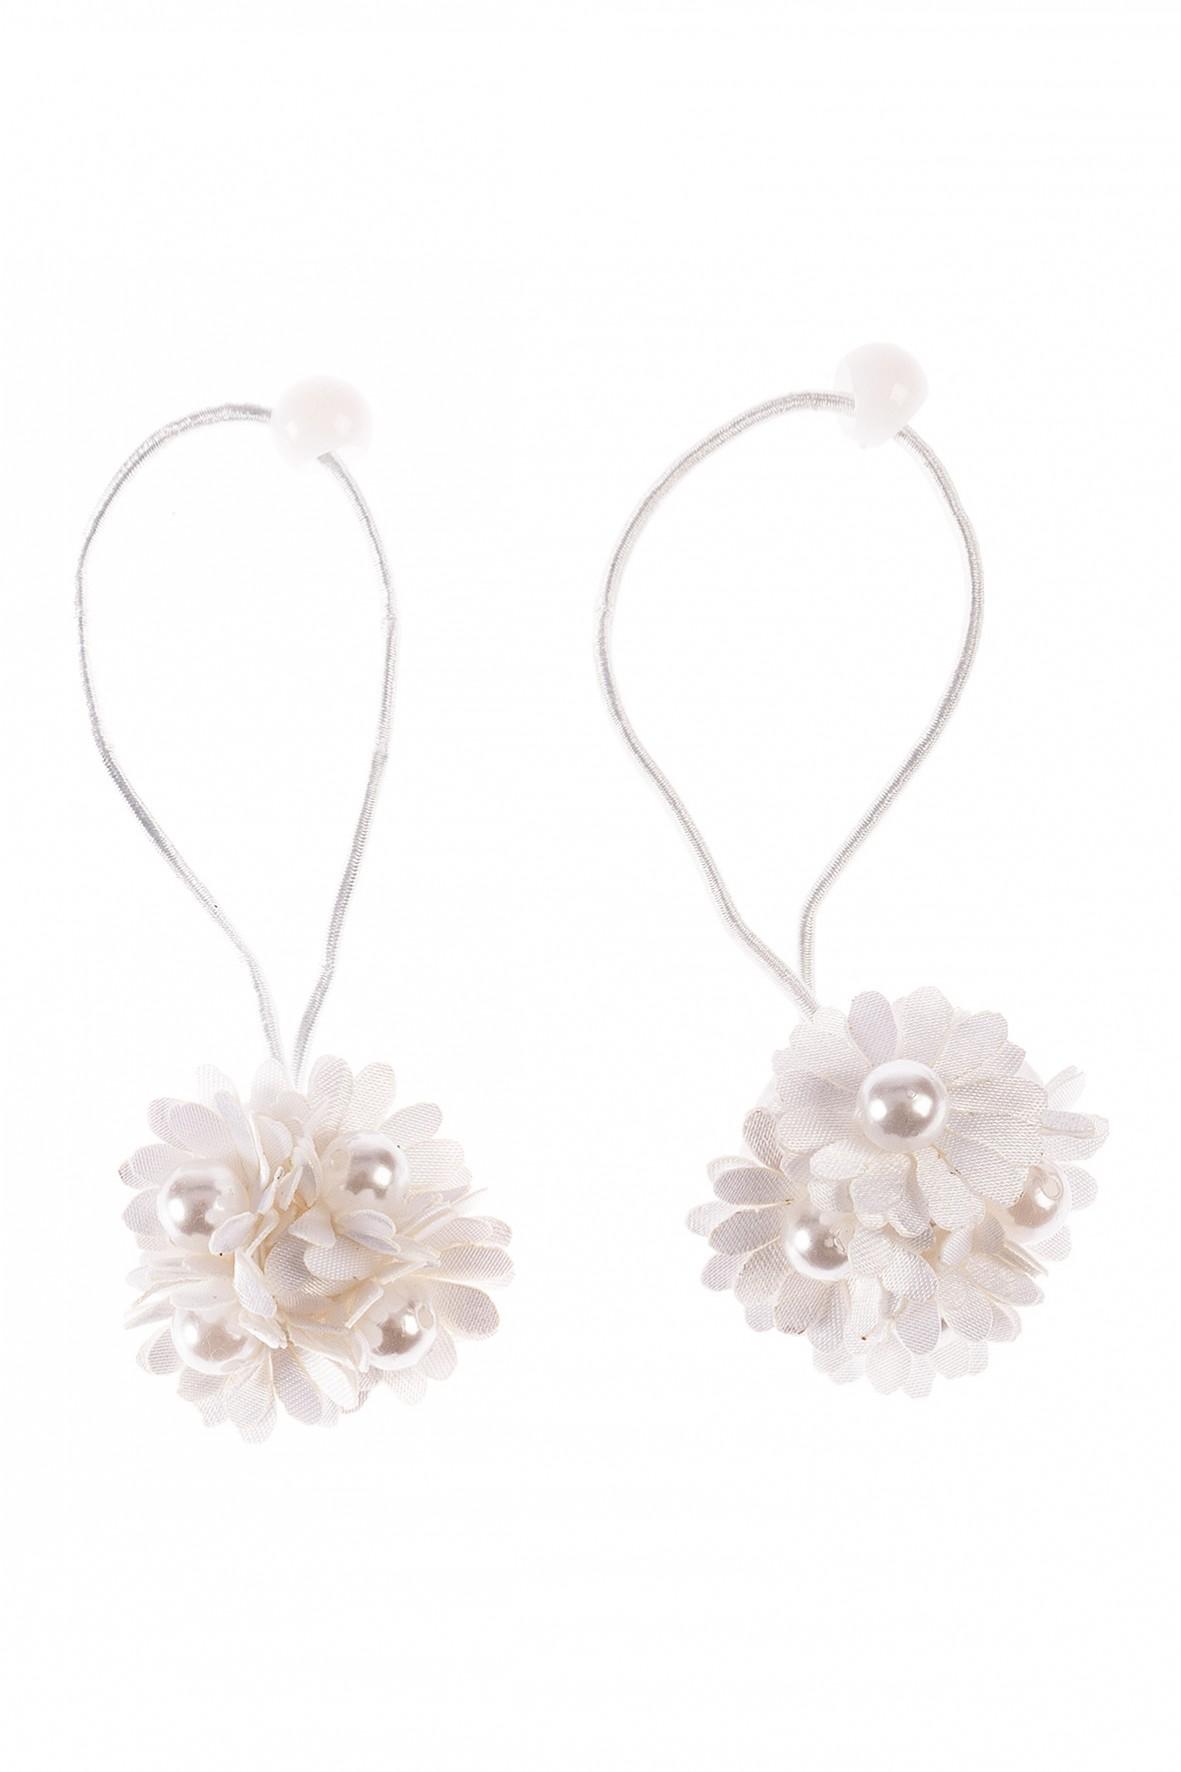 Gumki do włosów 2szt białe kwiatki